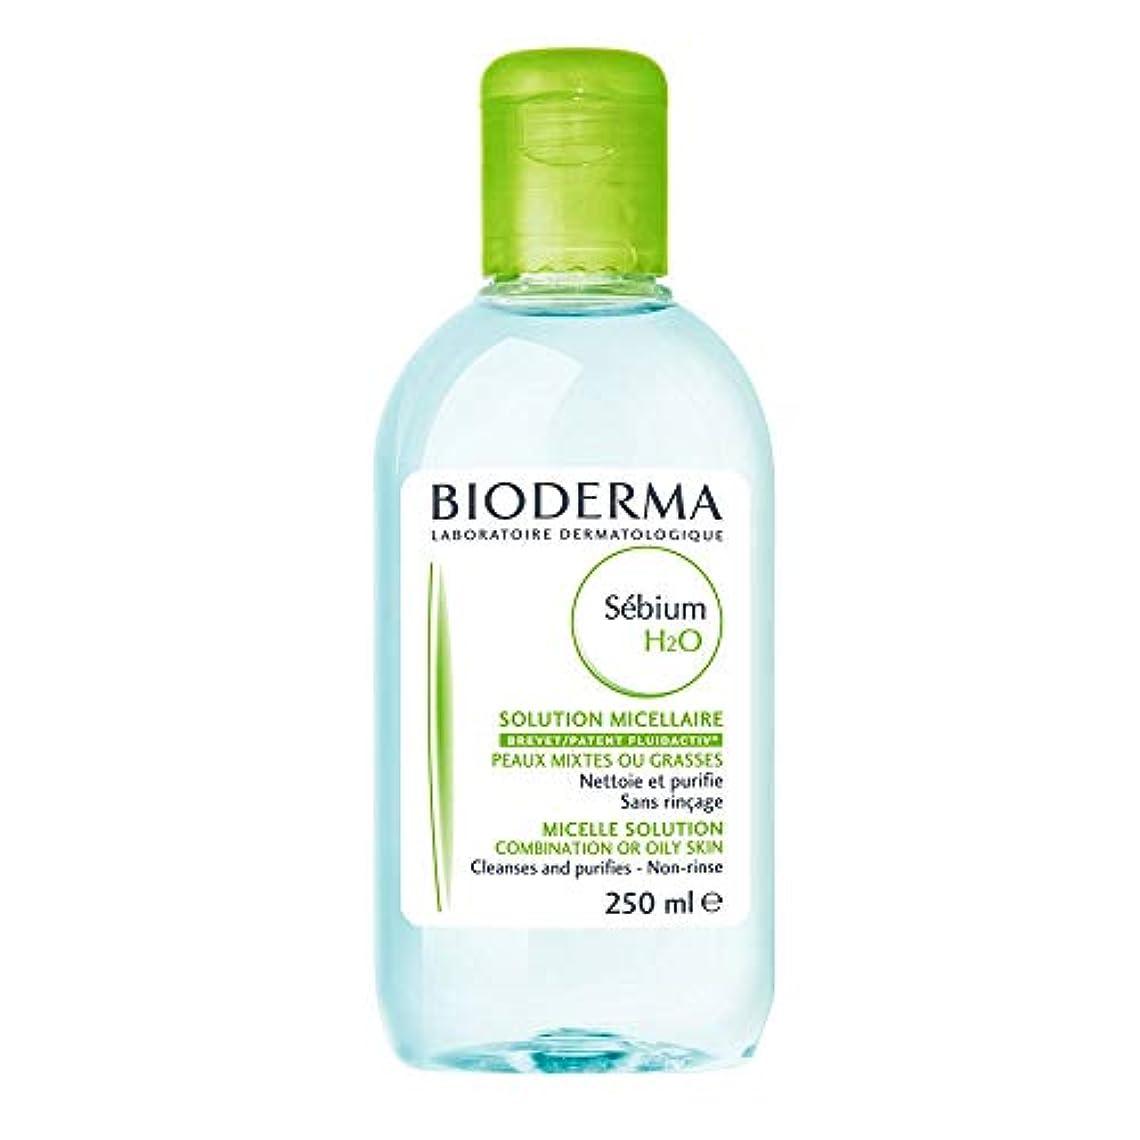 機械的に急速な各Bioderma - Sebium H2O Purifying Cleansing Micelle Solution (250 ml) [並行輸入品]